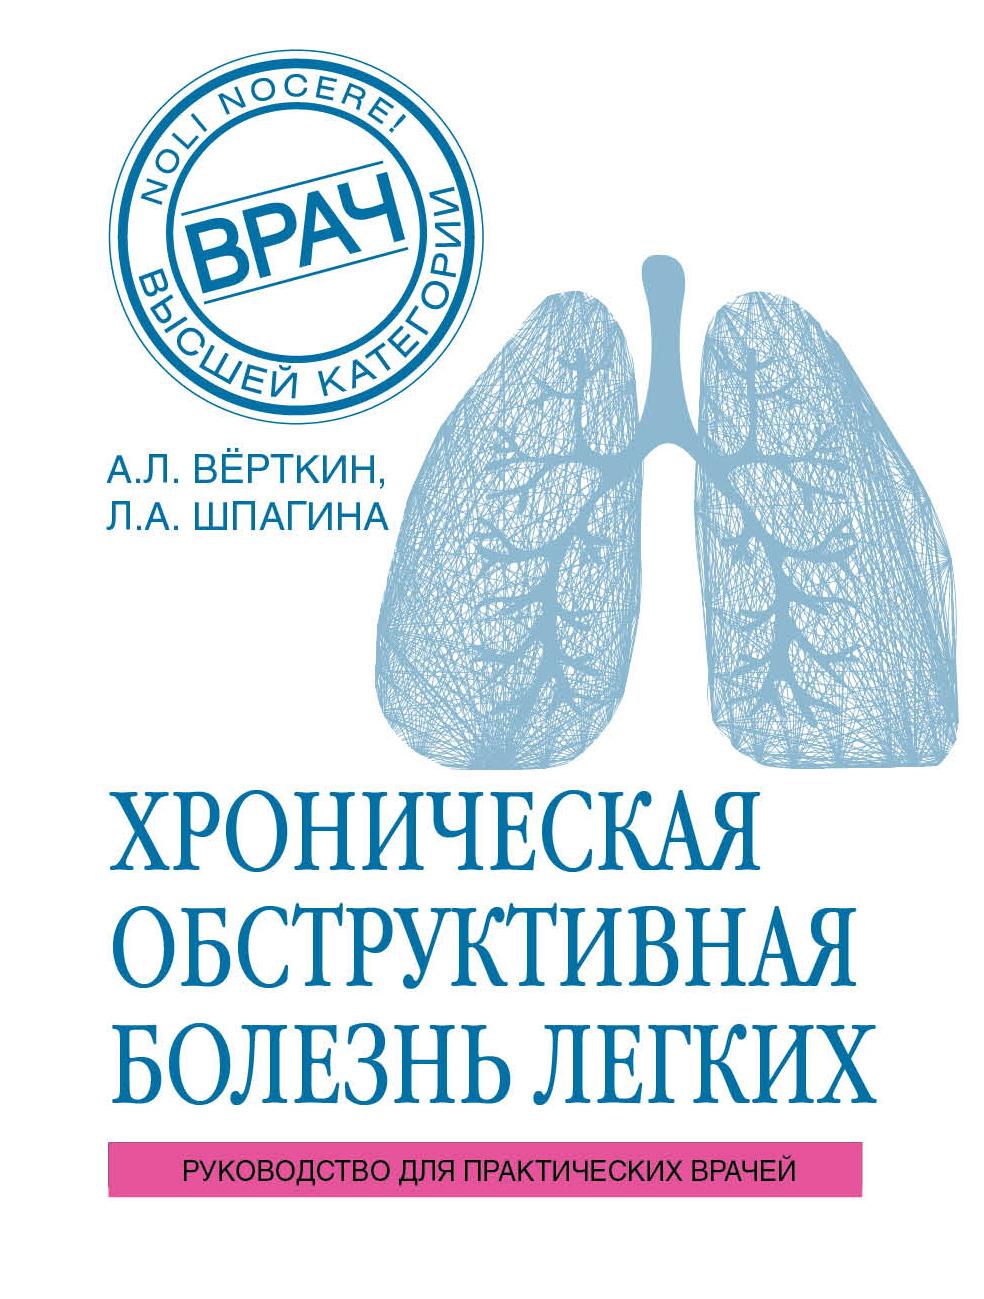 Любовь Шпагина, Аркадий Верткин «ХОБЛ. Руководство для практических врачей»